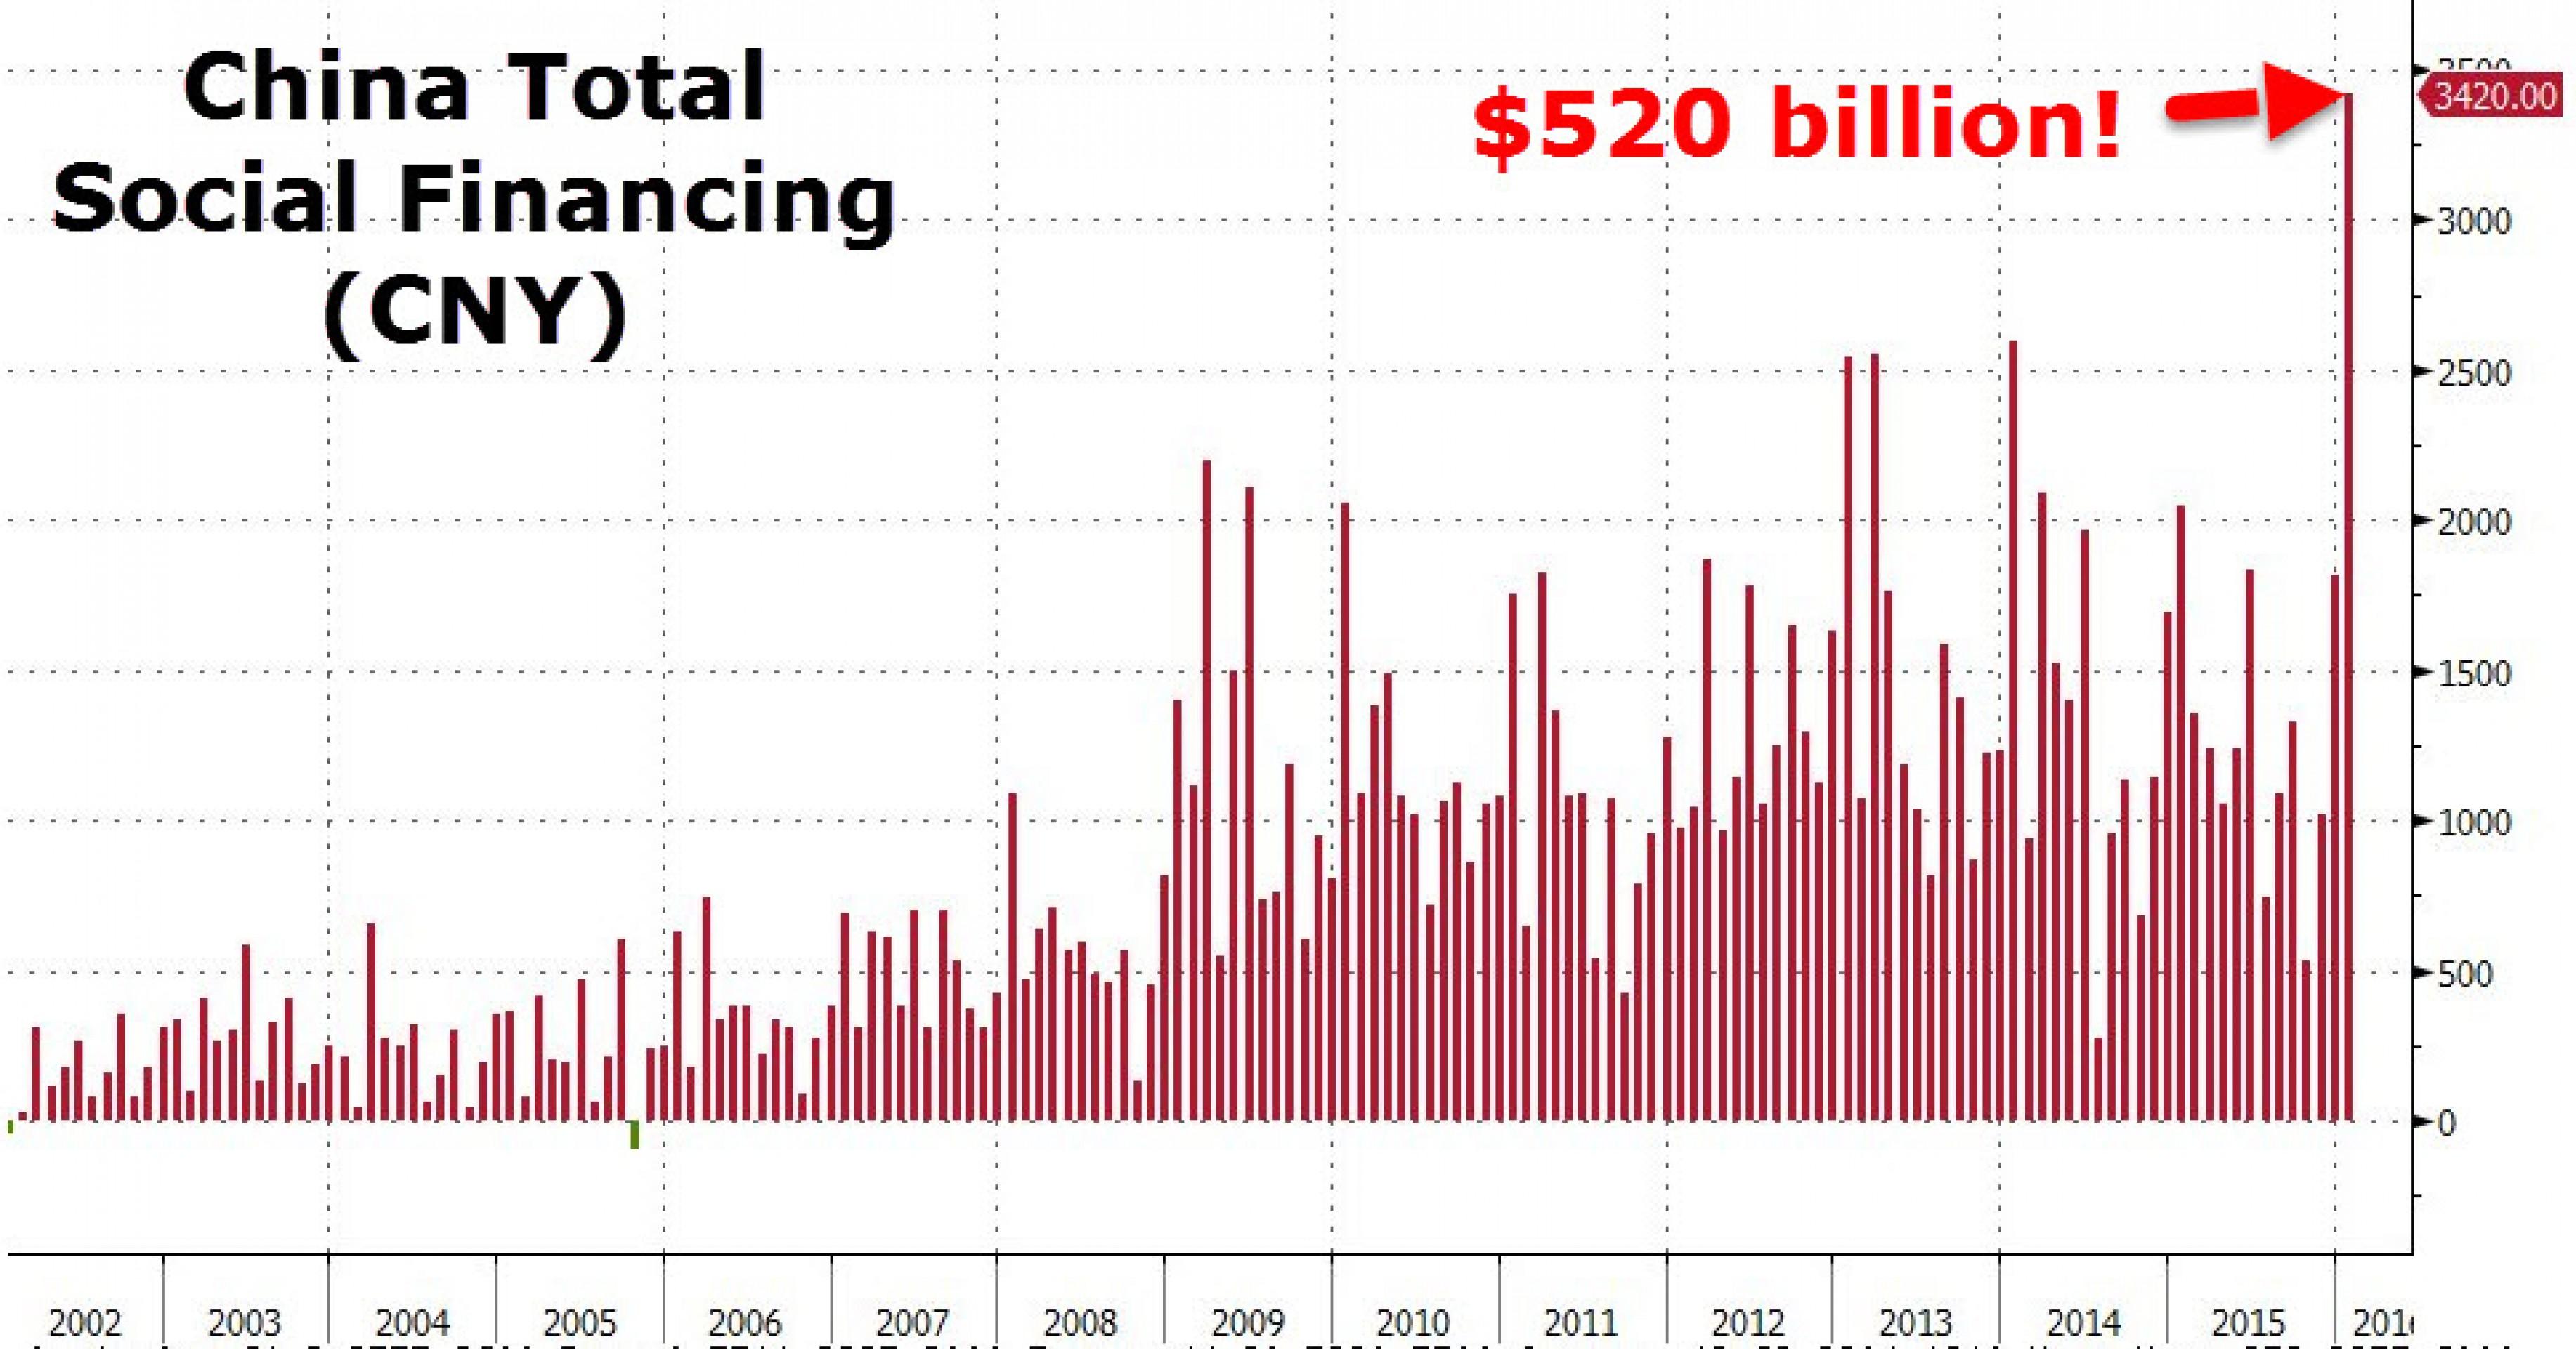 Китай становится огромной финансовой пирамидой